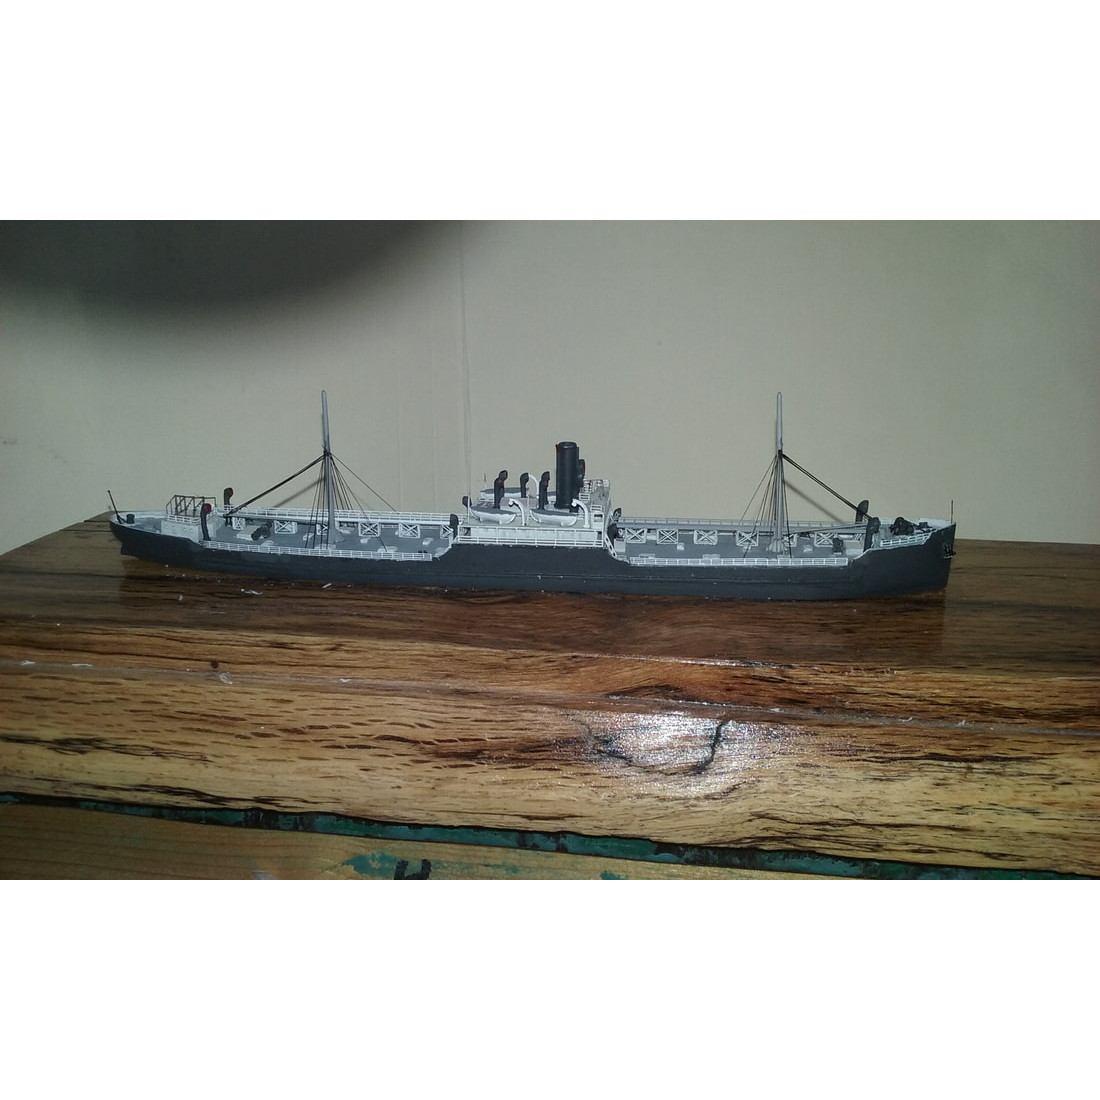 【新製品】132 輸送艦 SS パロアルト Palo Alto 1921